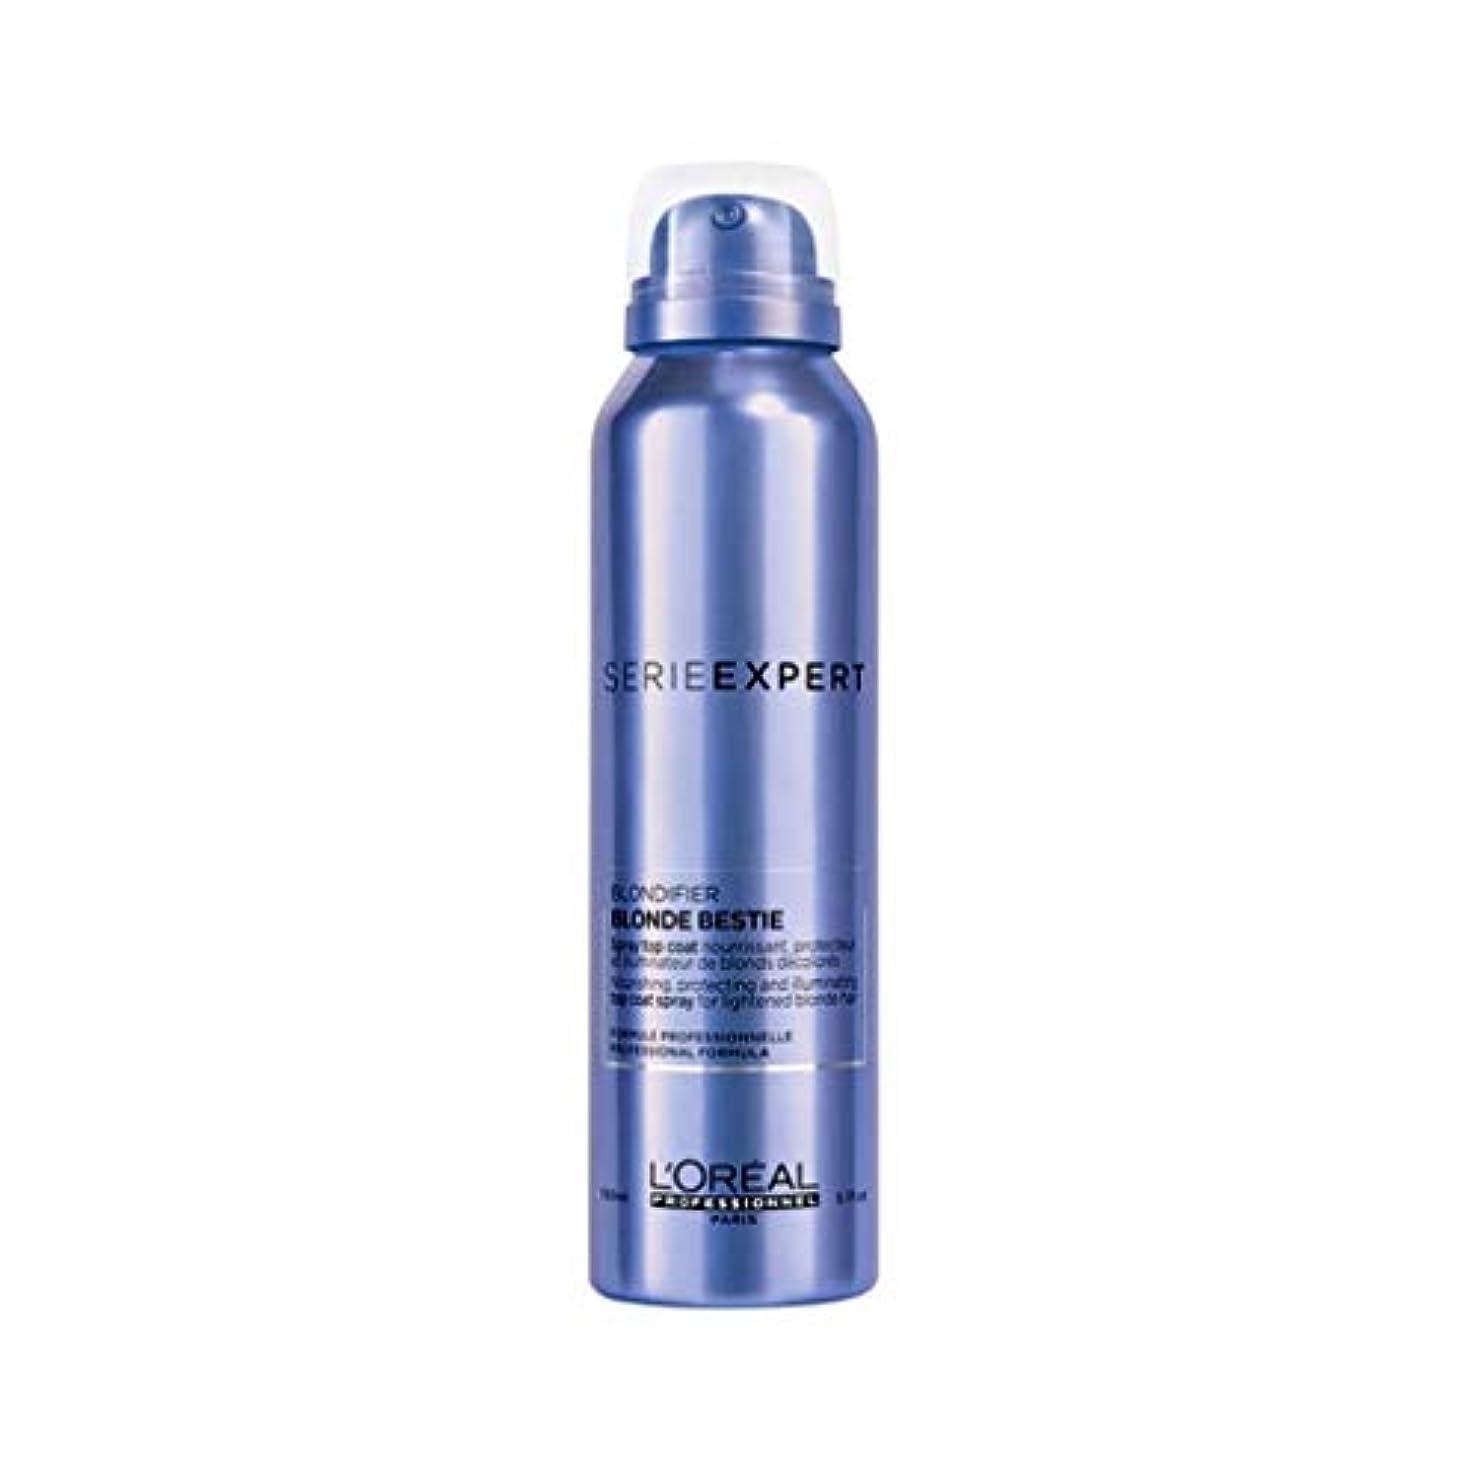 内部ヒステリック不毛のロレアル セリエ エクスパート ブロンディファイア ブロンド ベスティー スプレー L'Oreal Serie Expert Blondifier Blond Bestie Spray 150 ml [並行輸入品]